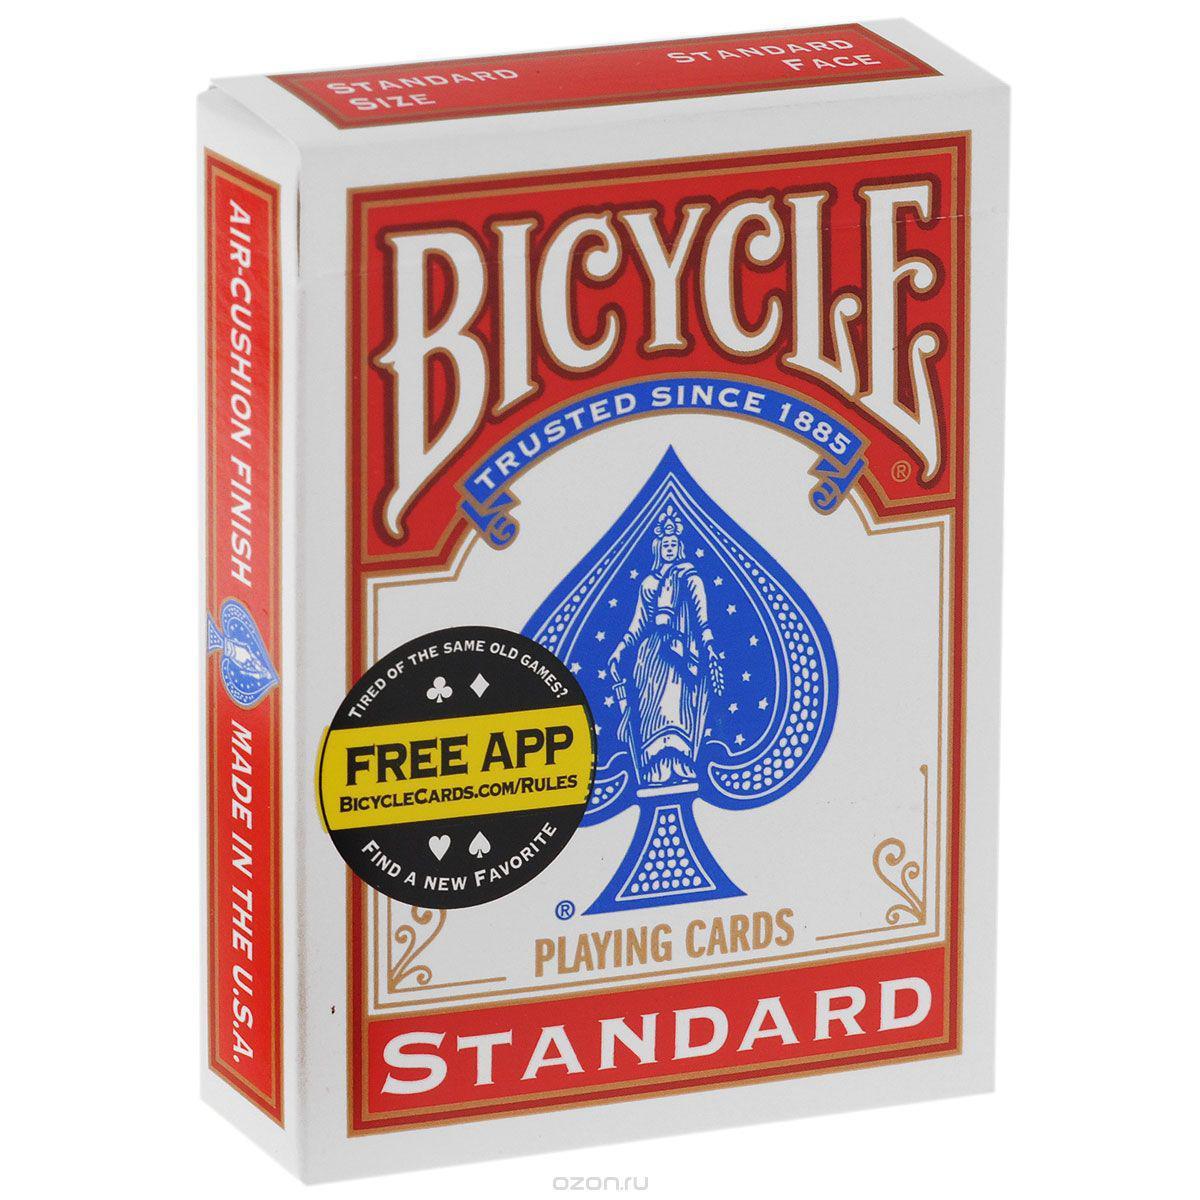 Игральные карты United States Playing Card Company Bicycle Blank Back Standard Face, красная рубашка1012694-redКолода: 54 карты Размер: 7 х 9 х 2 см Вес: 0,2 кг